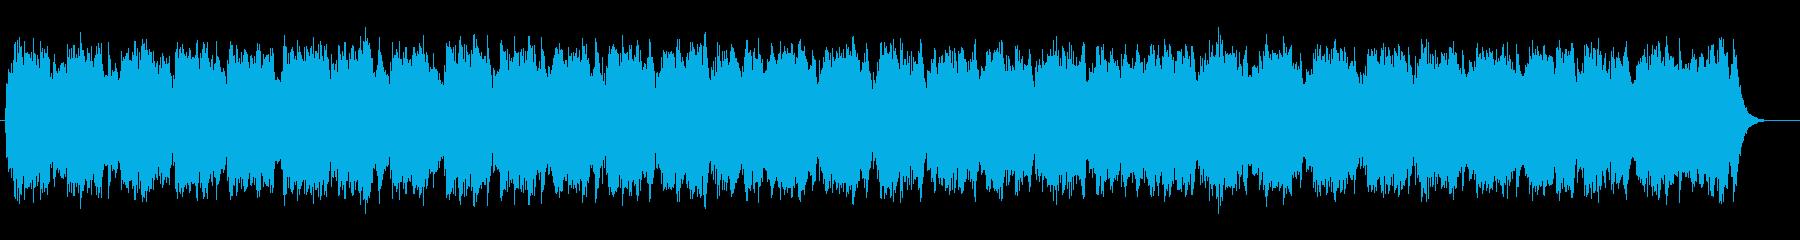 シンセサイザー彩る安らぎのミュージックの再生済みの波形